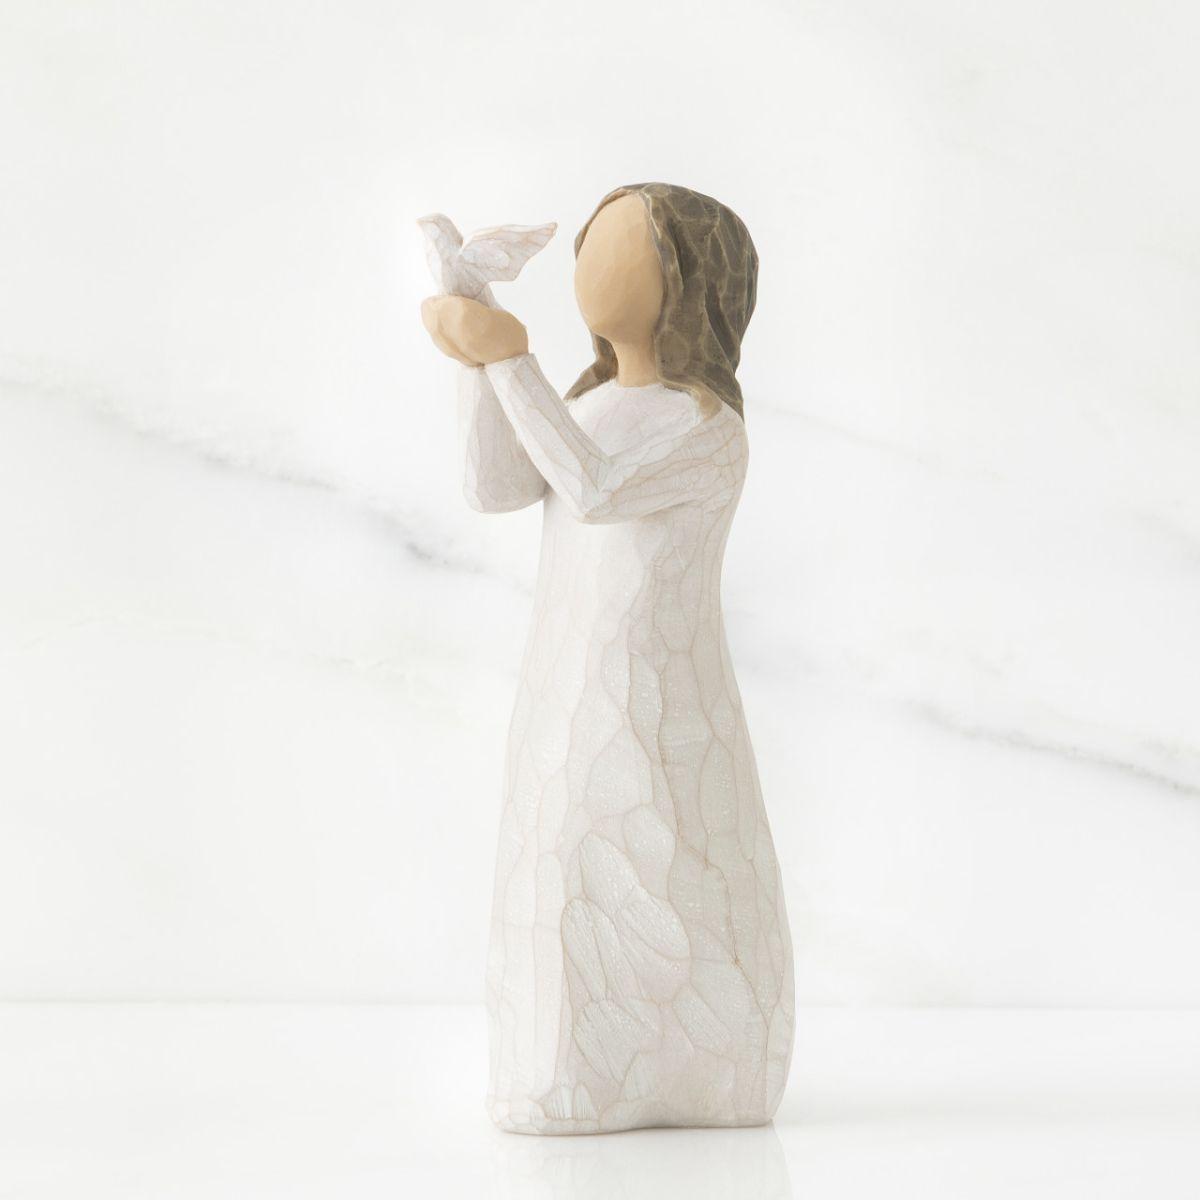 ウィローツリー彫像 【Soar】 - 飛んでいって